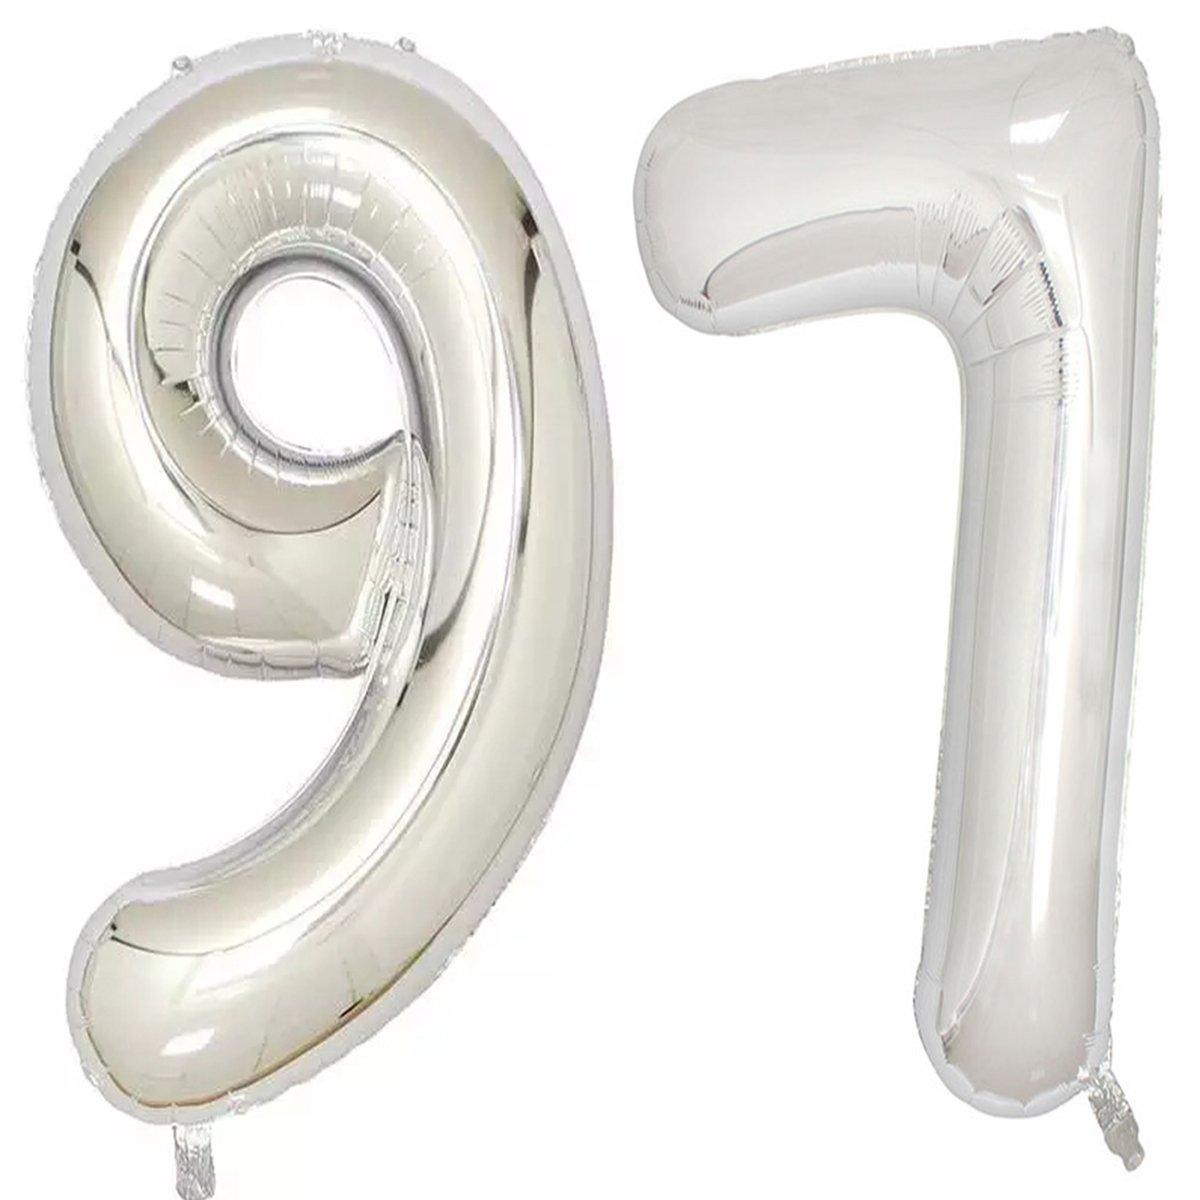 40インチシルバー箔ヘリウムジャンボ97デジタル番号バルーン、97th誕生日装飾の女性または男性、97誕生日パーティーSupplies   B07B8JWMCY